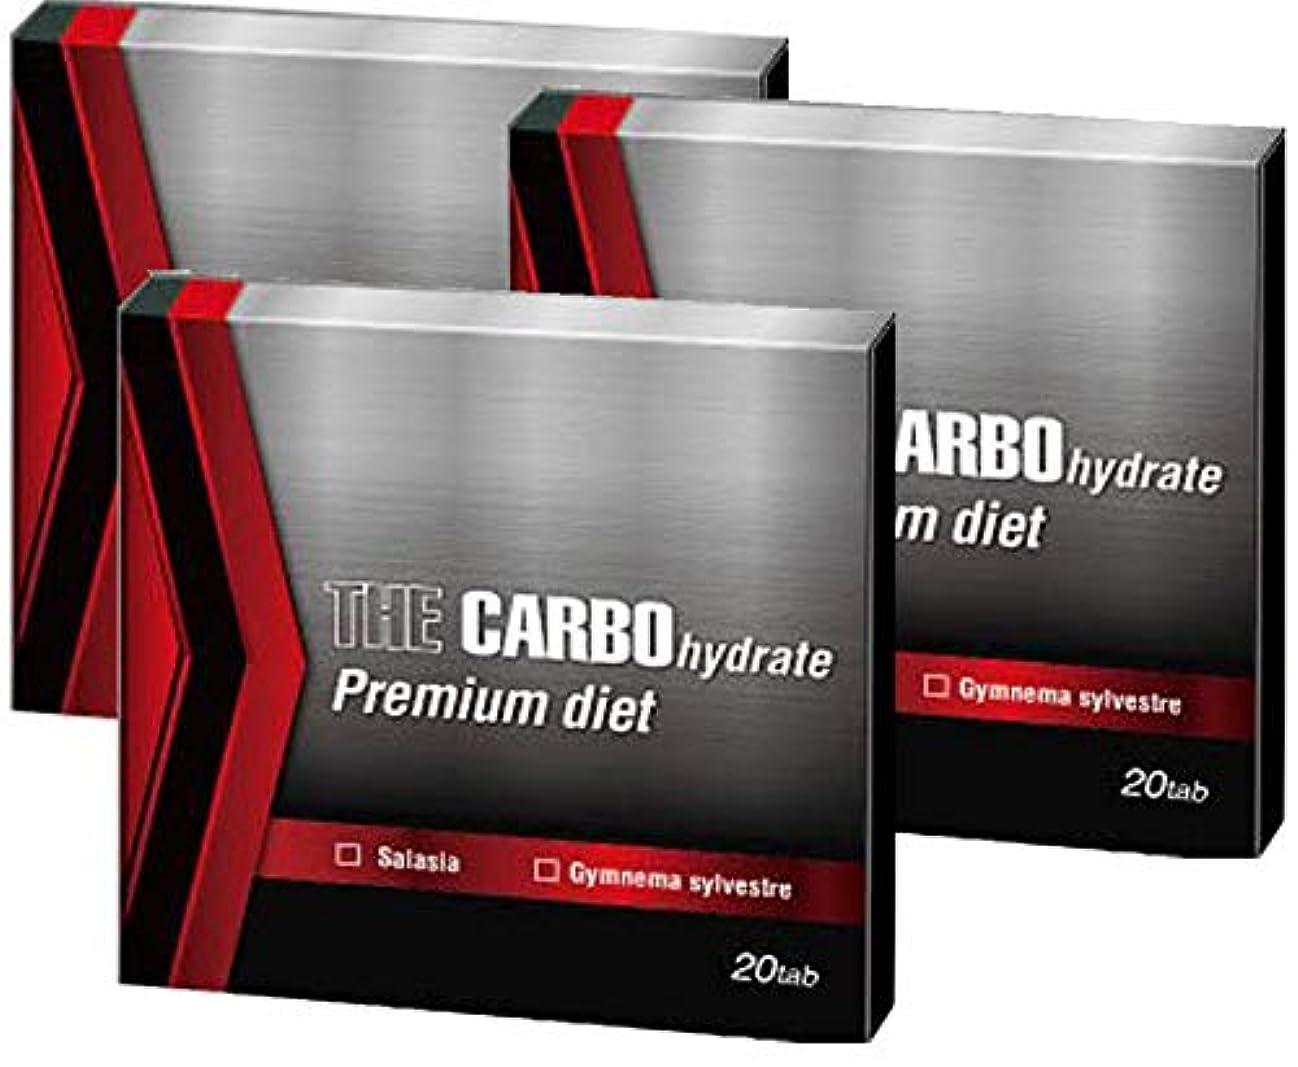 ジョガー遺伝的間違っているザ?糖質プレミアムダイエット20Tab×3箱セット〔THE CARBO hydrate Premium daiet〕